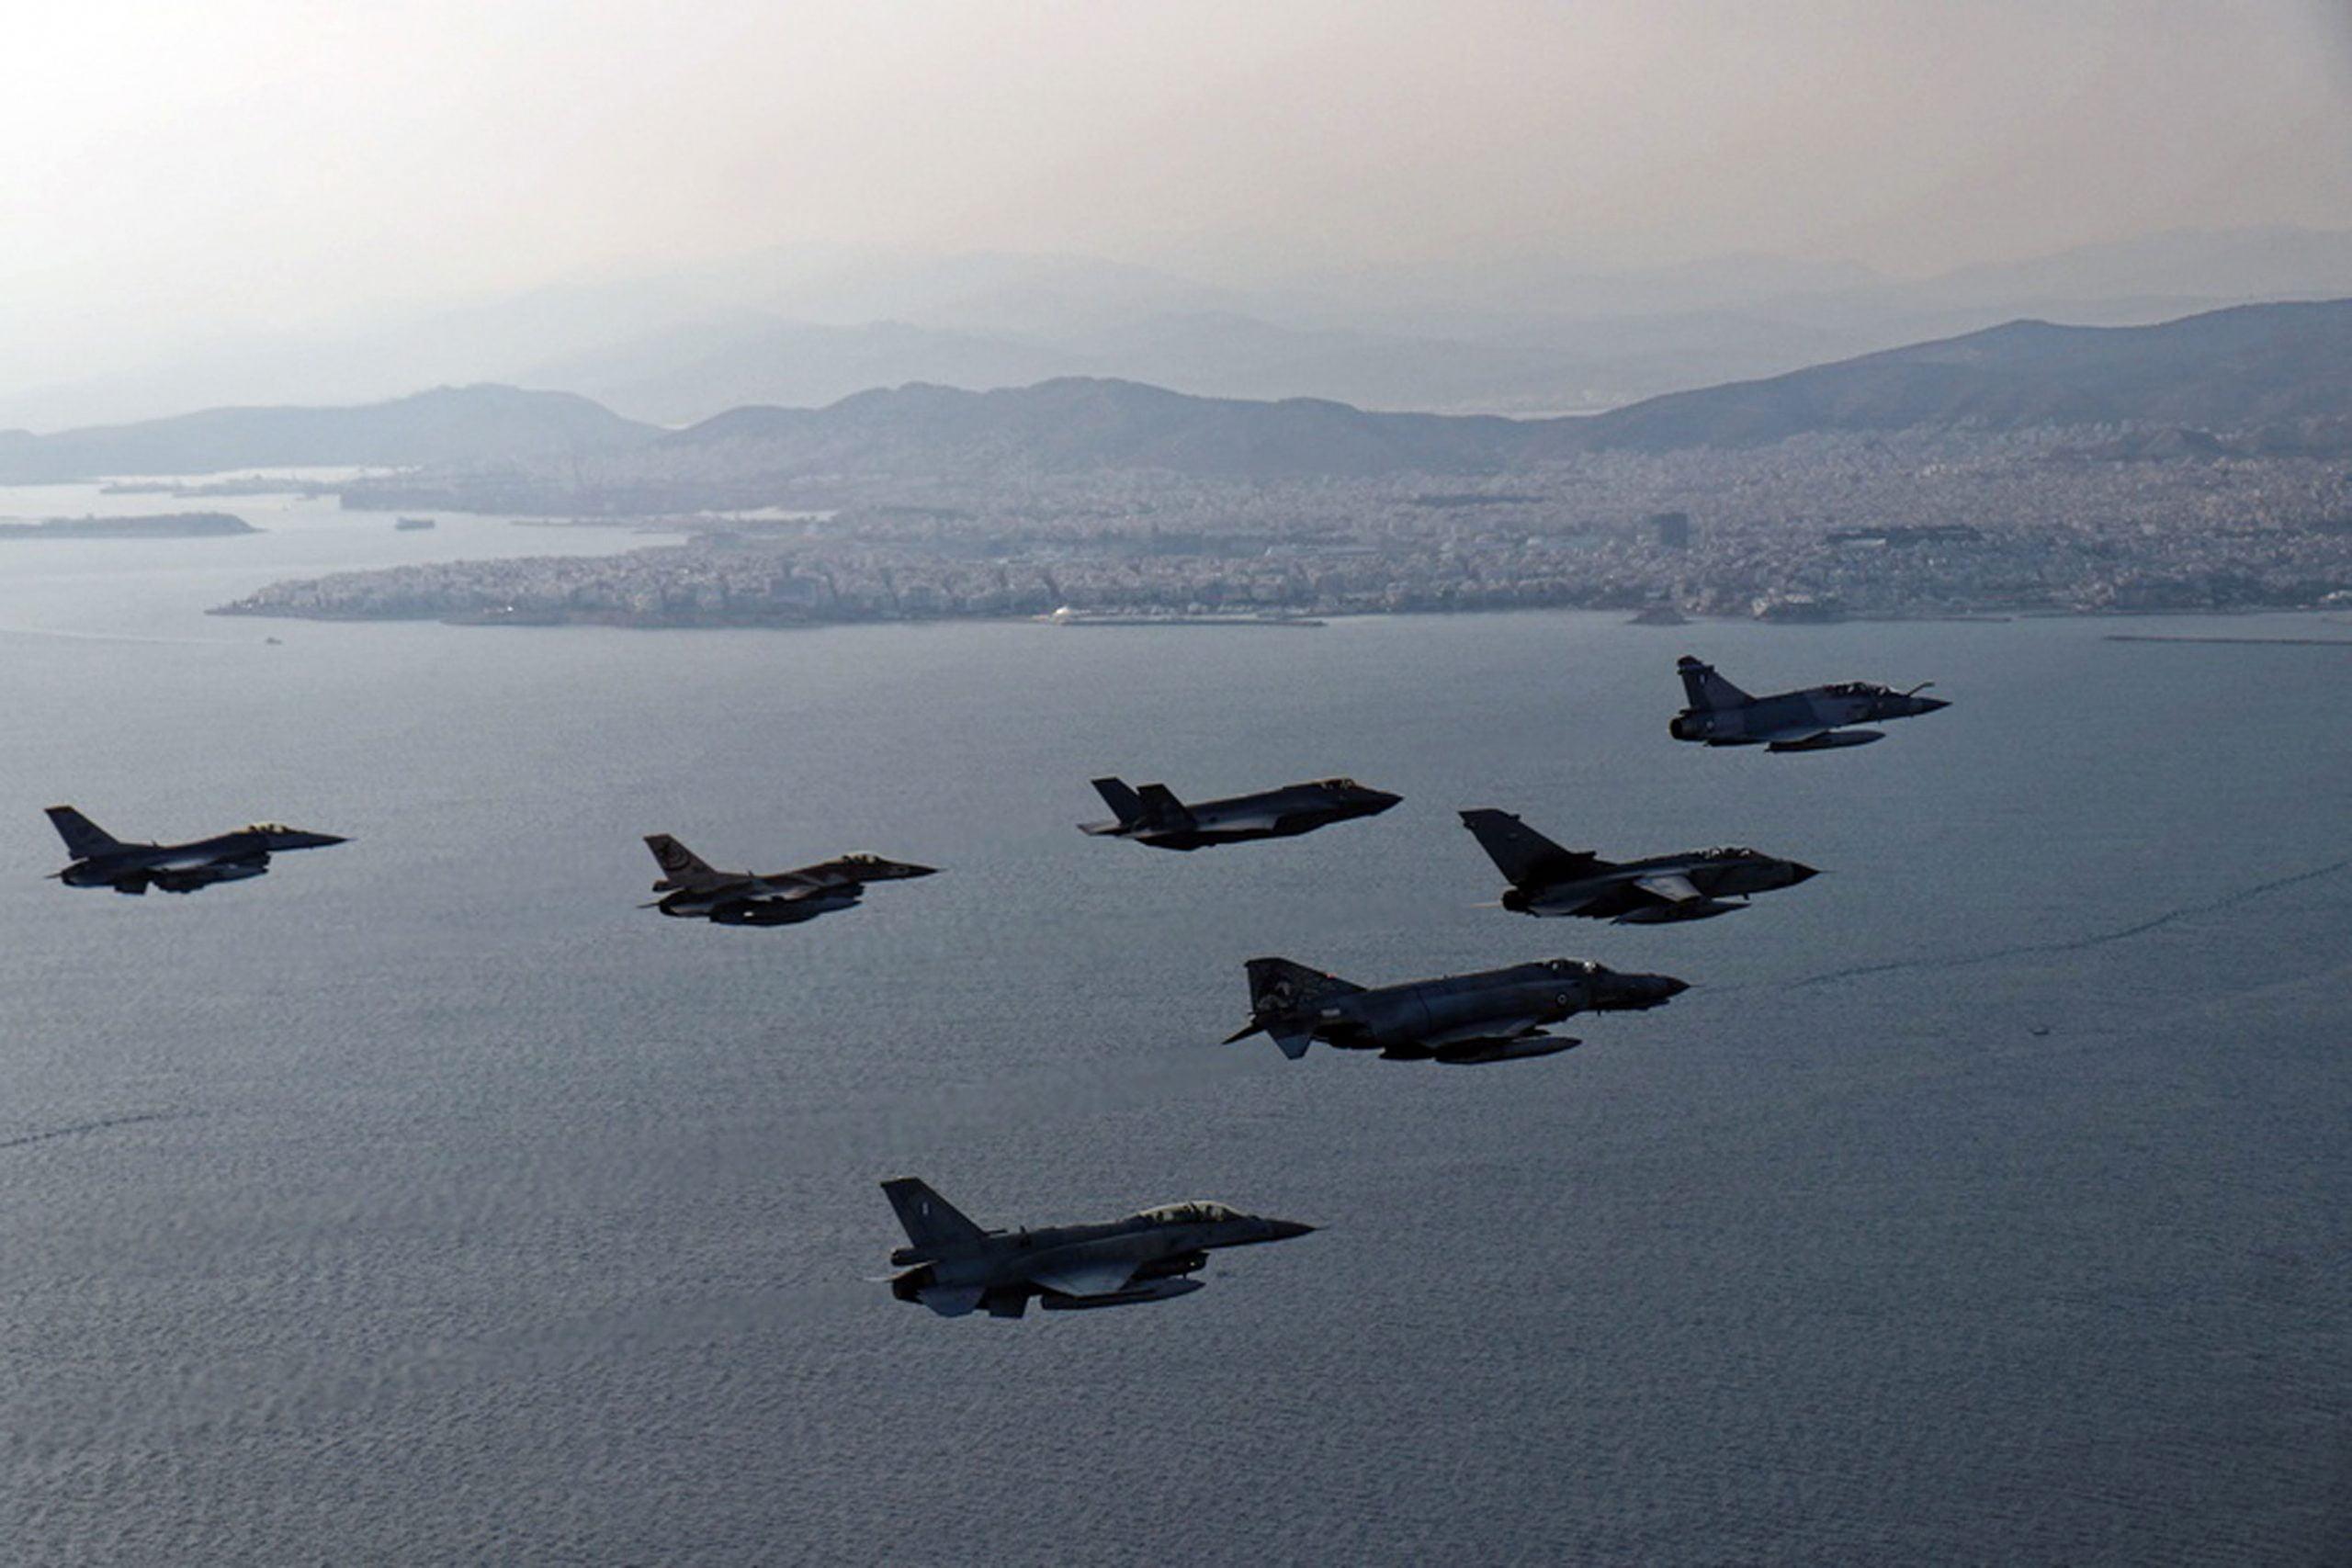 Ενεργή η παρουσία του Ισραήλ στη Μεσόγειο – Ισχυρή υποστήριξη του Τελ Αβίβ στις Ελληνικές θέσεις – To μήνυμα που έστειλαν στην Άγκυρα ισραηλινά αεροσκάφη